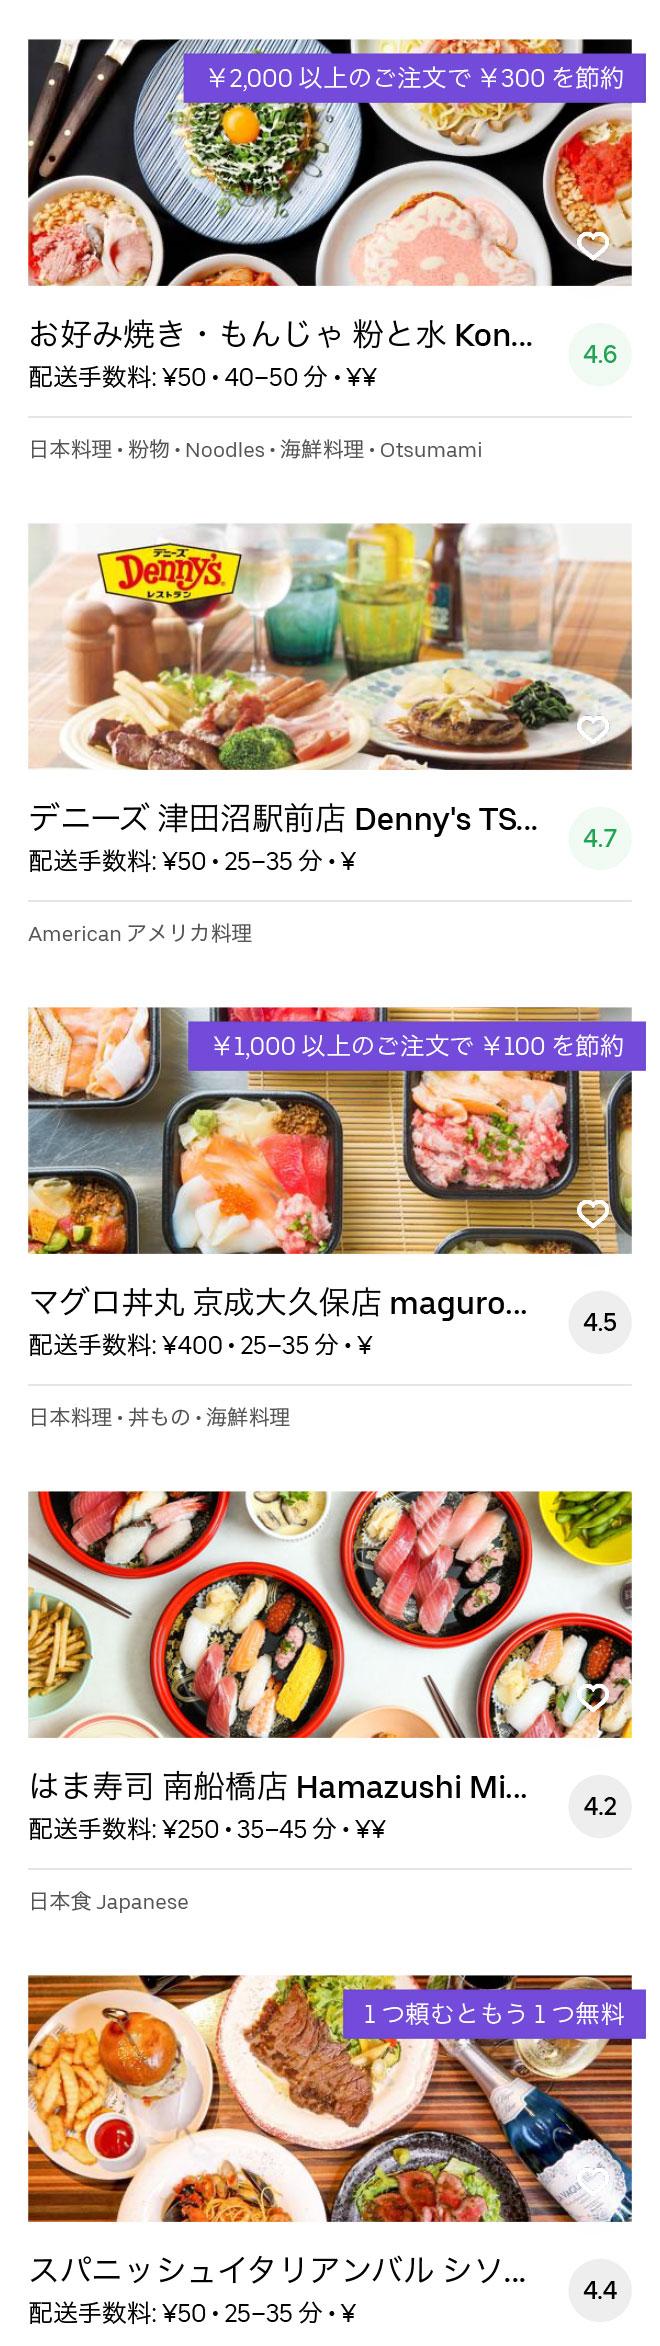 Narashino tudanuma menu 2004 06